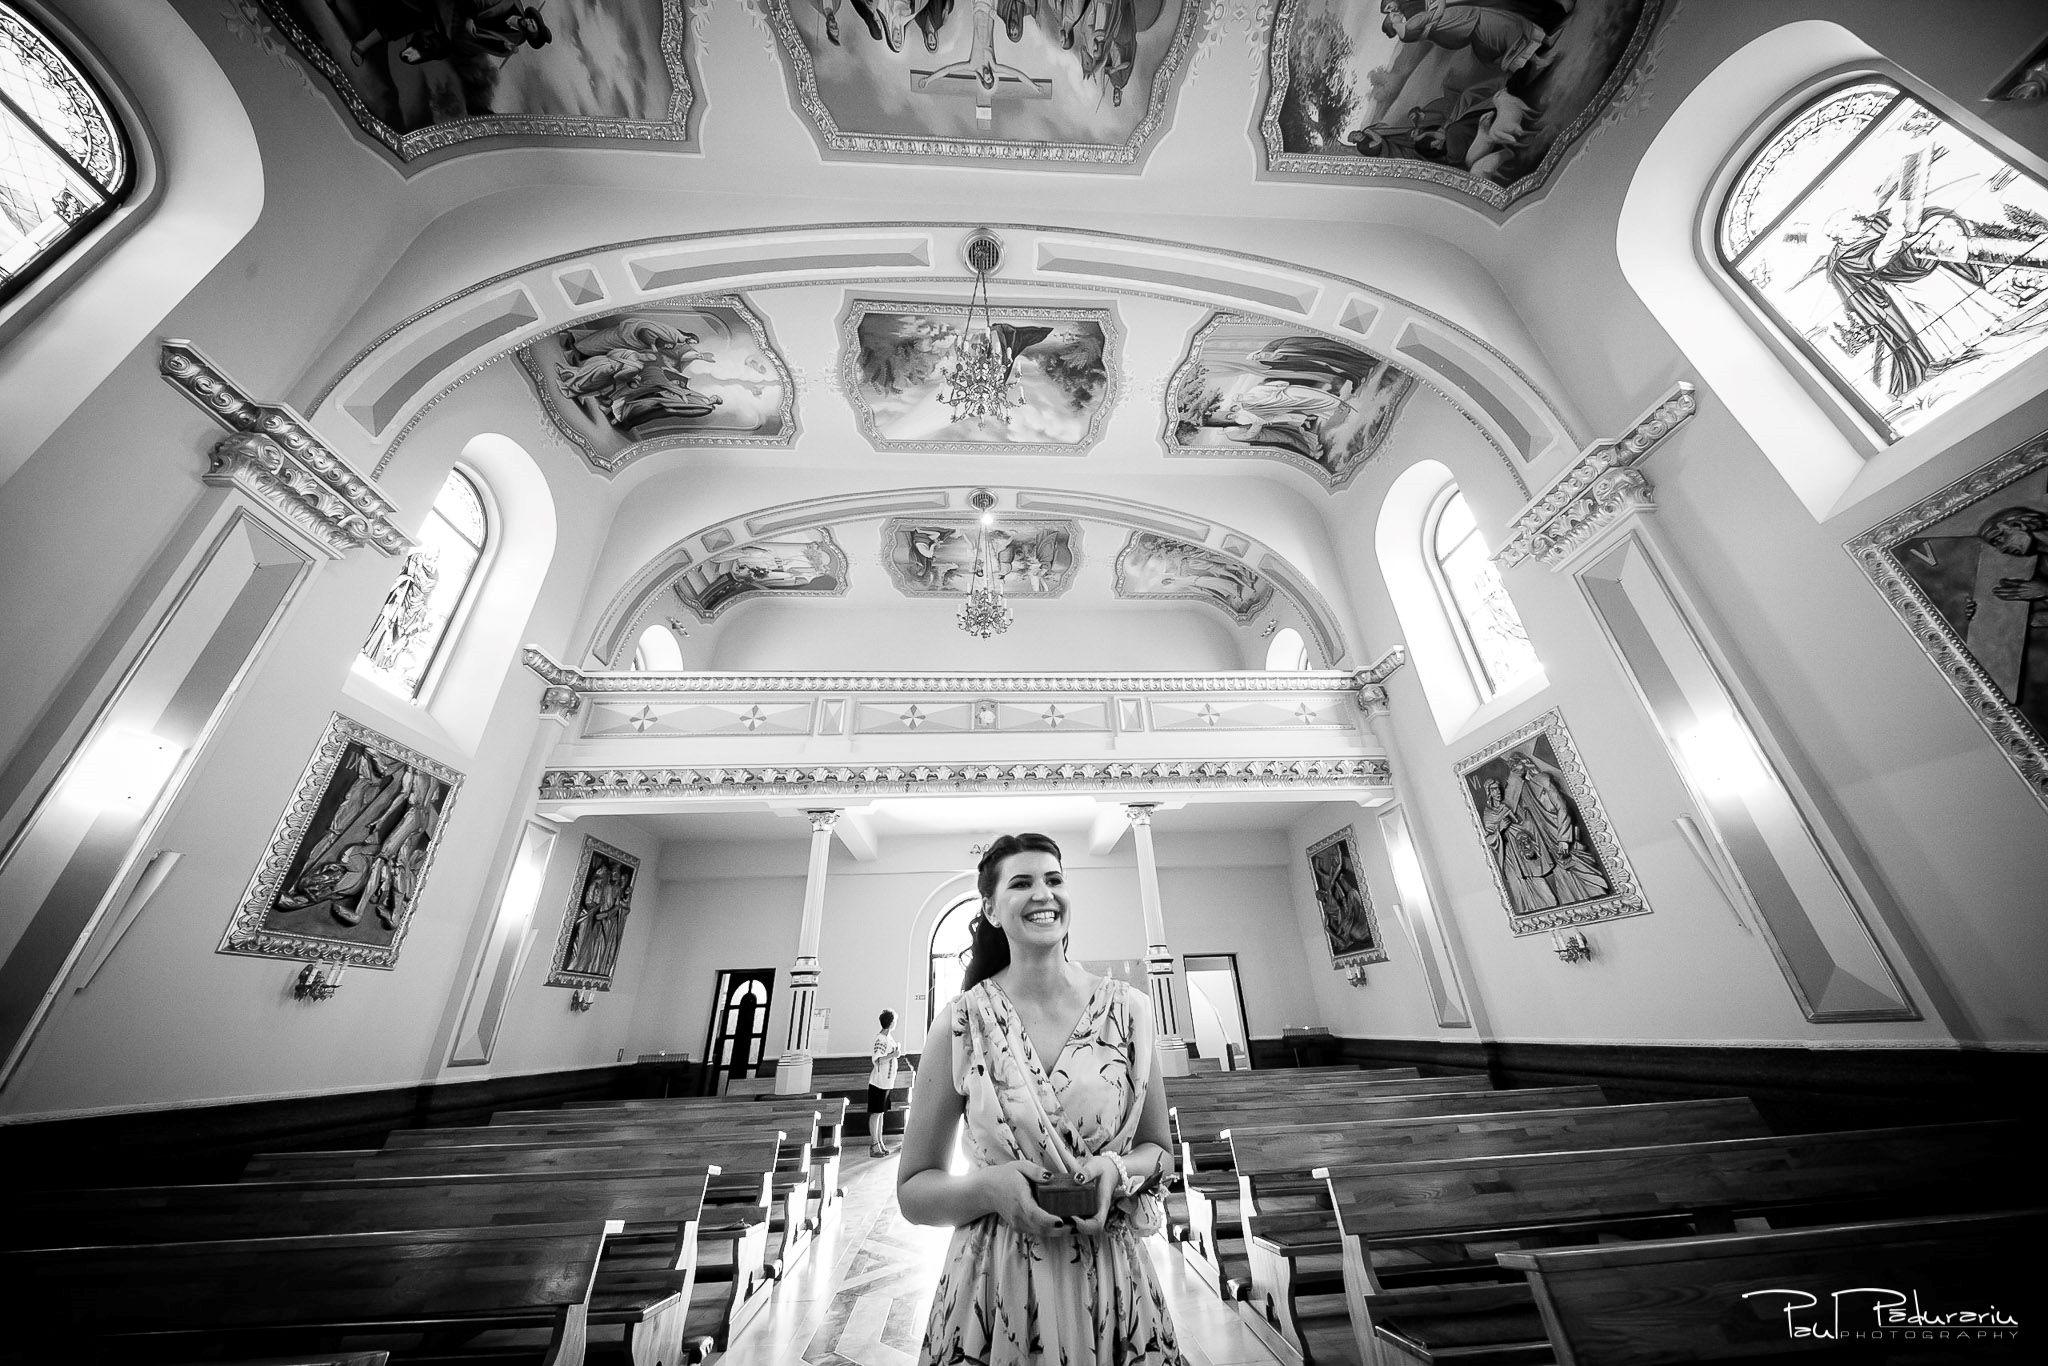 Diana Sebi nunta lavanda paul padurariu fotograf cununie religioasa Biserica Nașterea Sfintei Fecioare Maria Husi 2